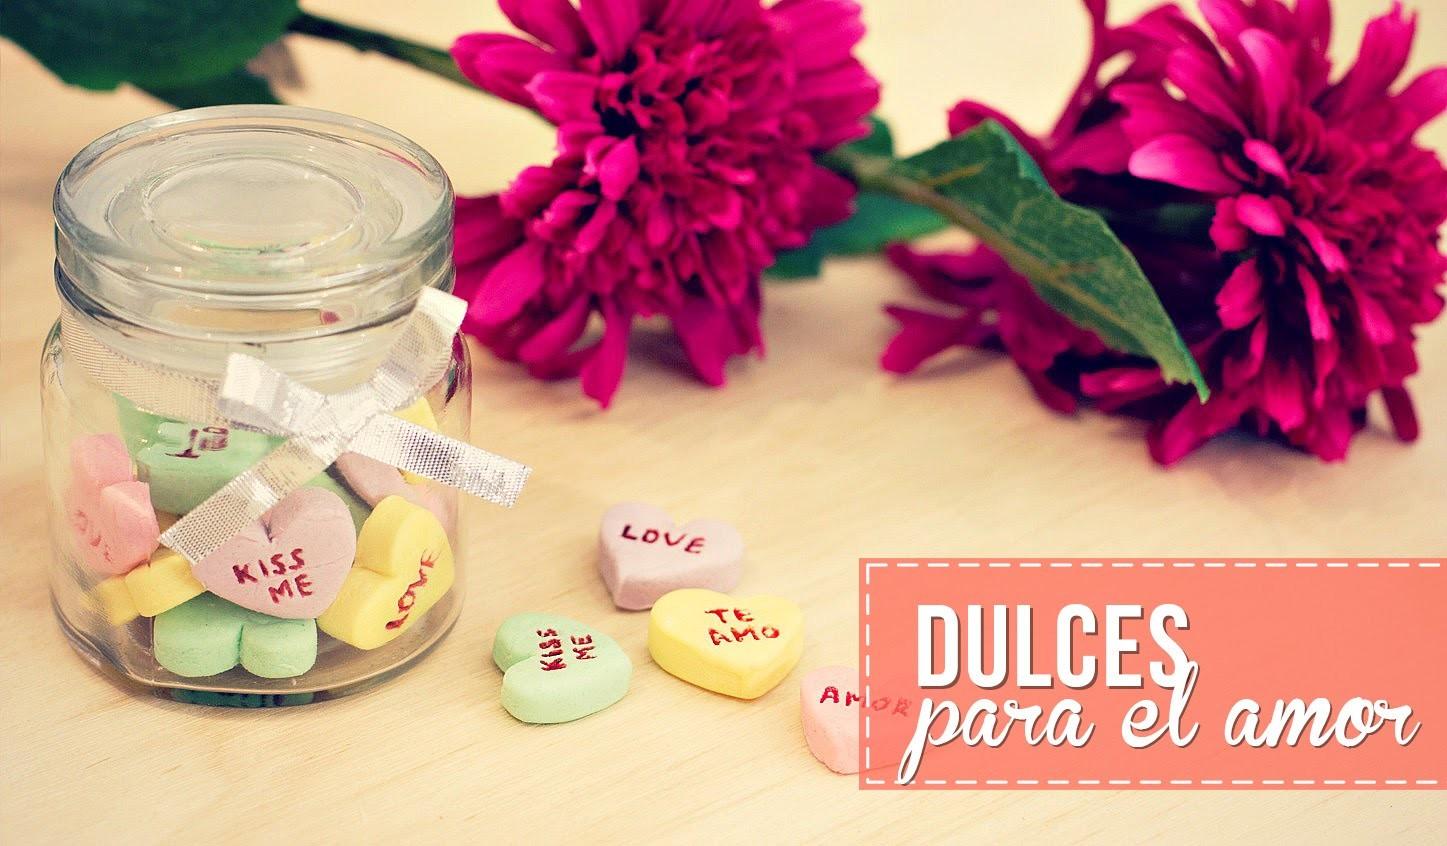 Hagamos dulcecitos de amor, muy fácil!